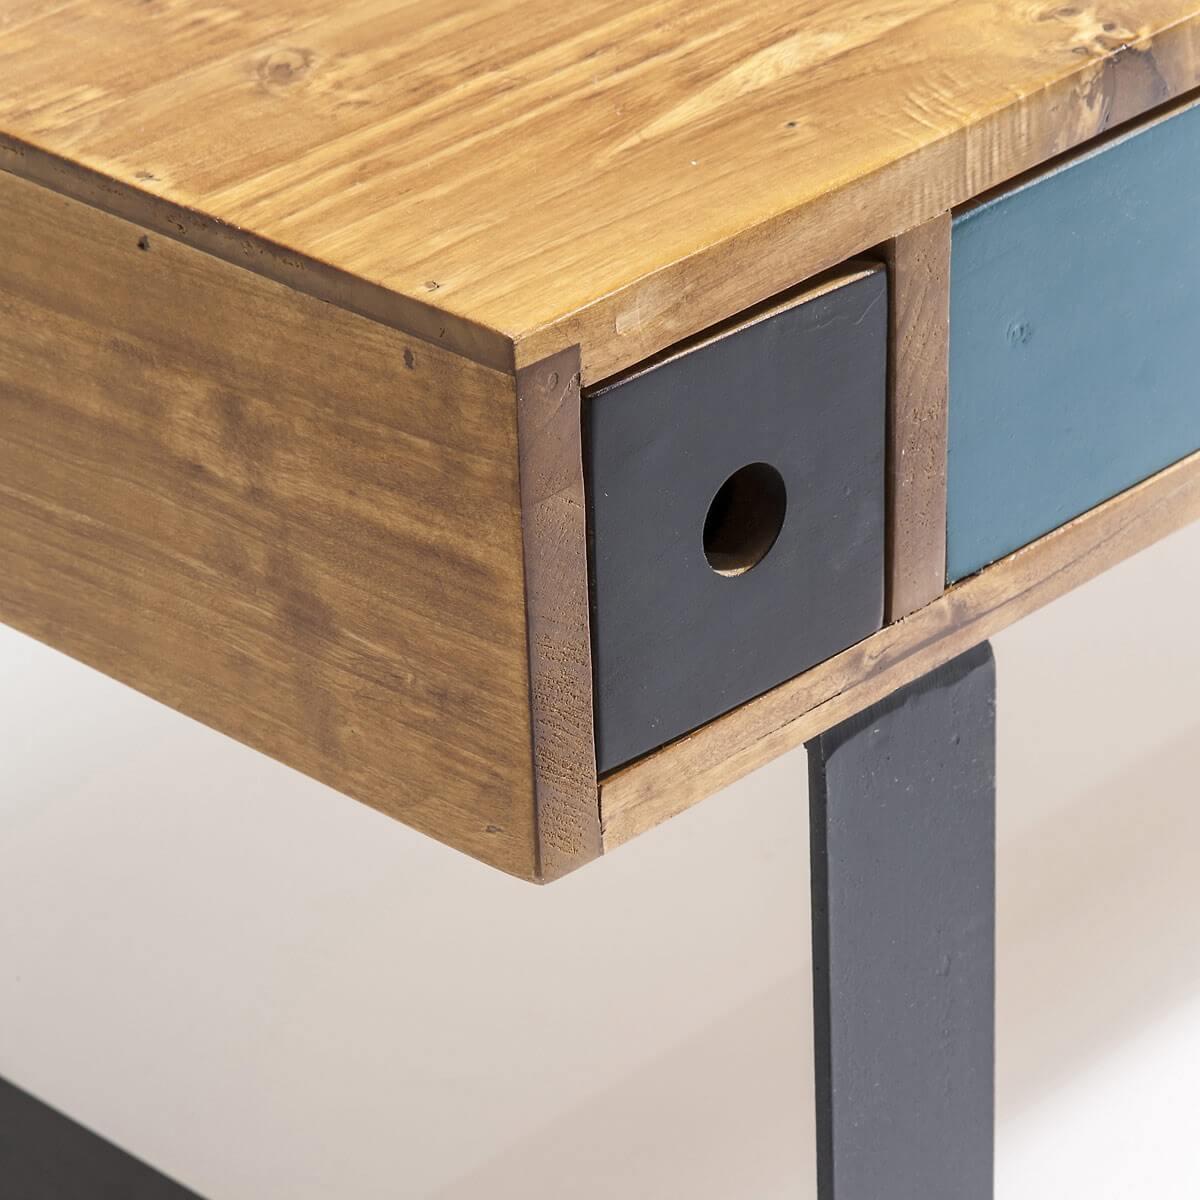 Couchtisch Babalou von Kare Design in Braun  Bunt